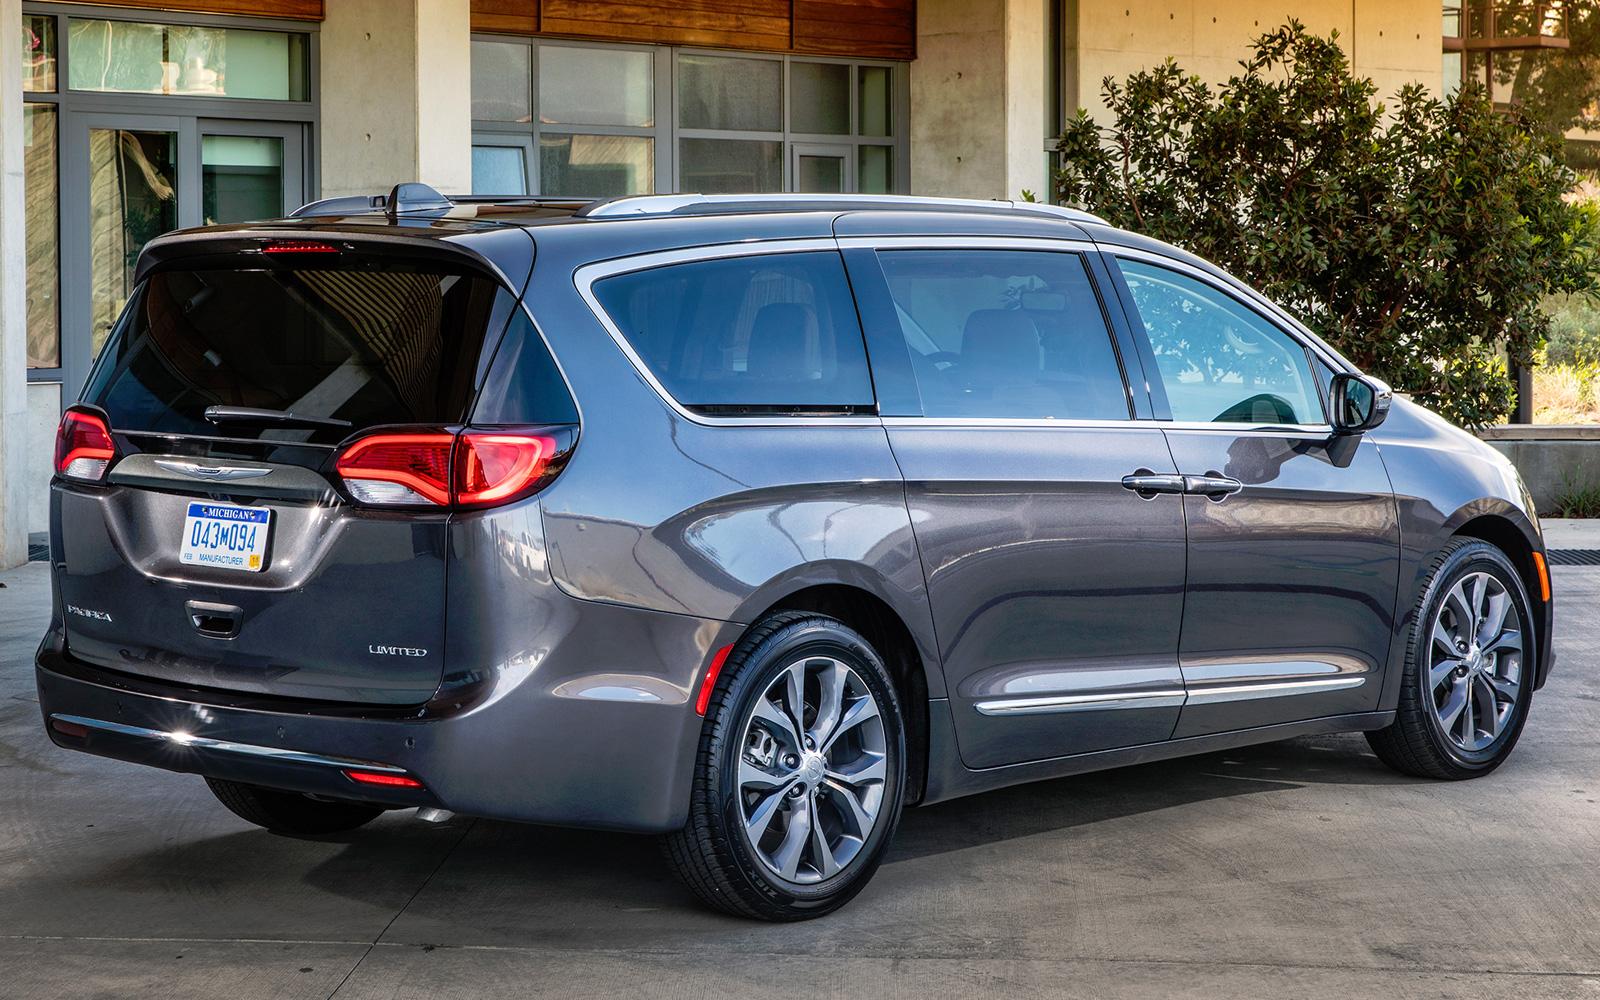 """Картинки по запросу """"Chrysler Pacifica 2018 сзади"""""""